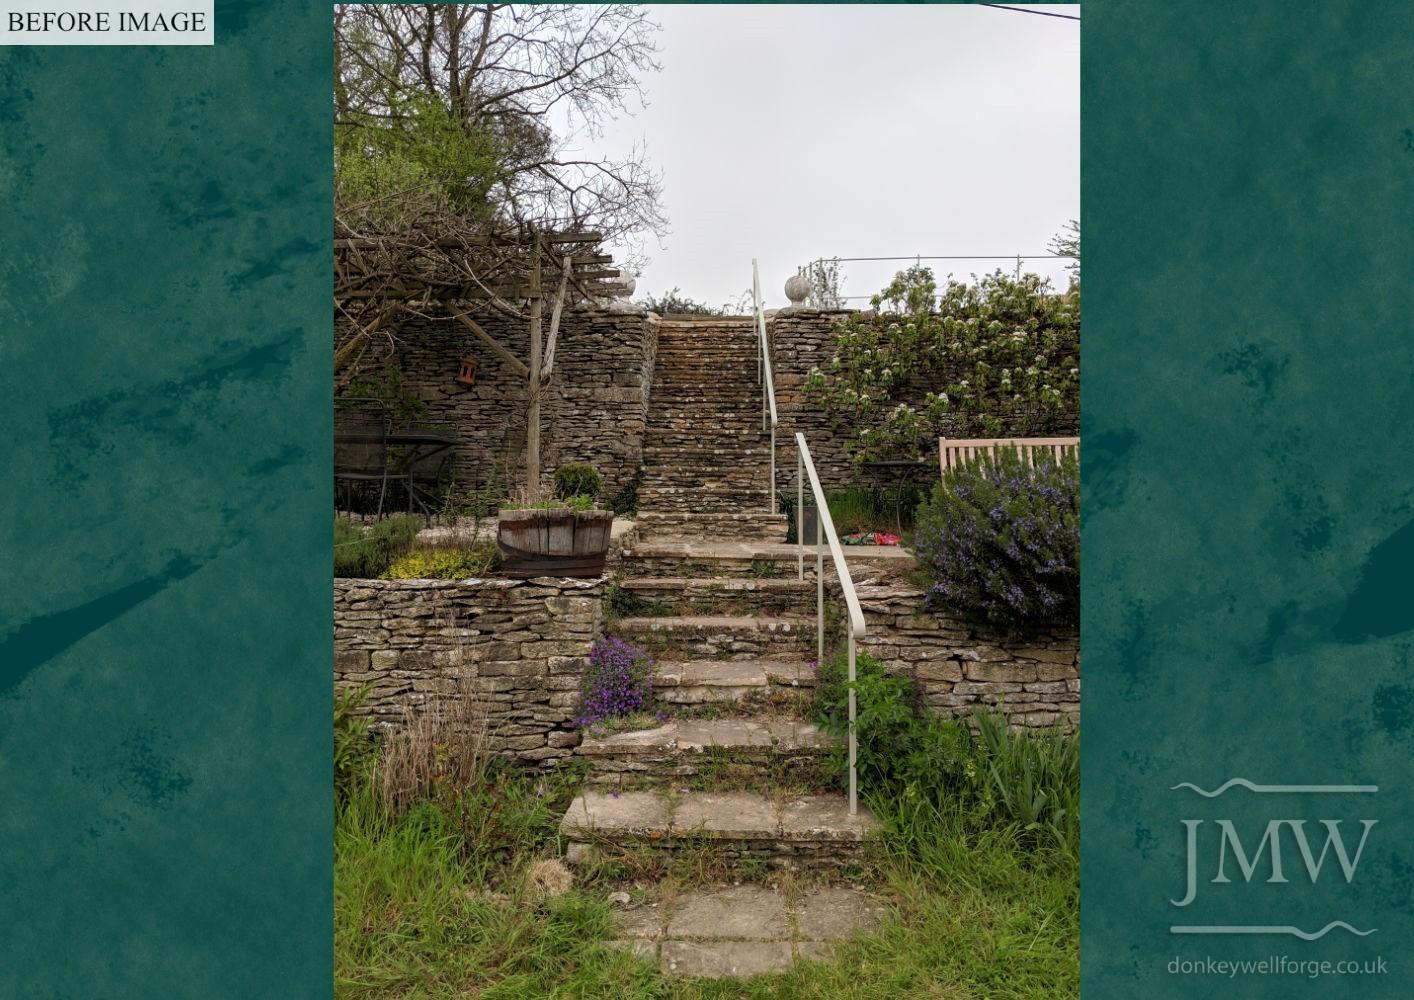 ironwork-garden-arch-before